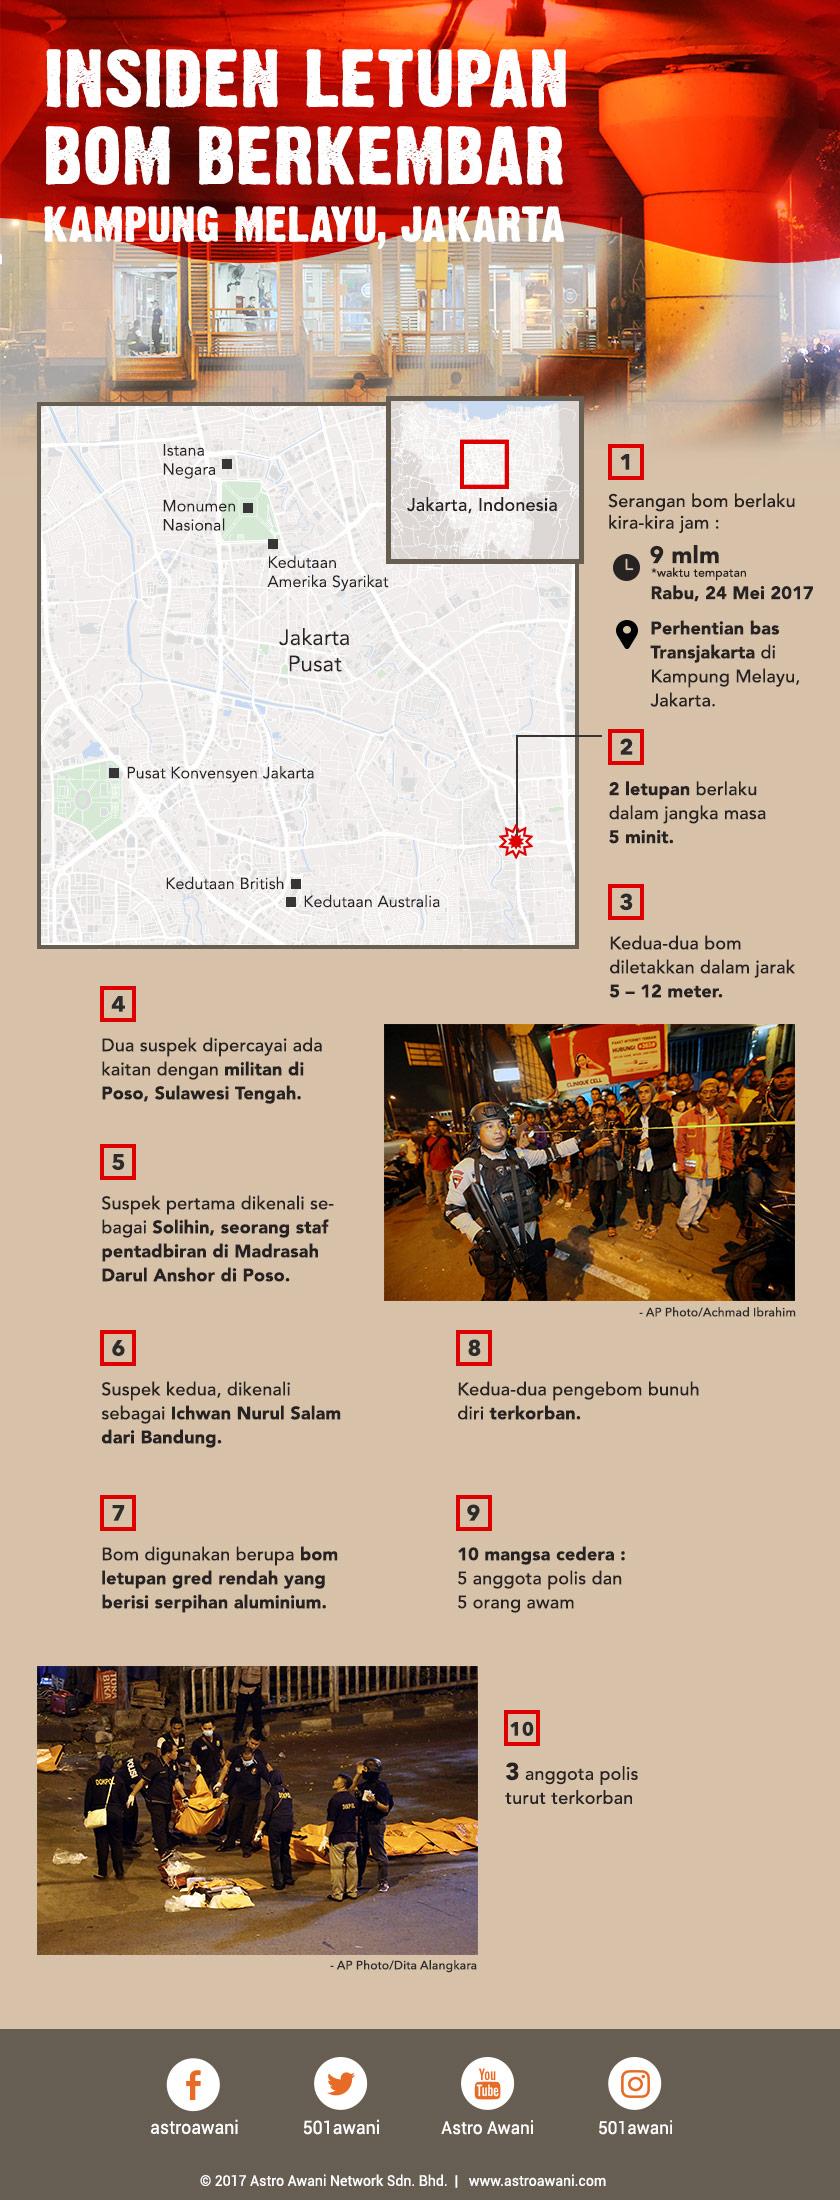 Insiden bom bunuh diri di Jakarta.